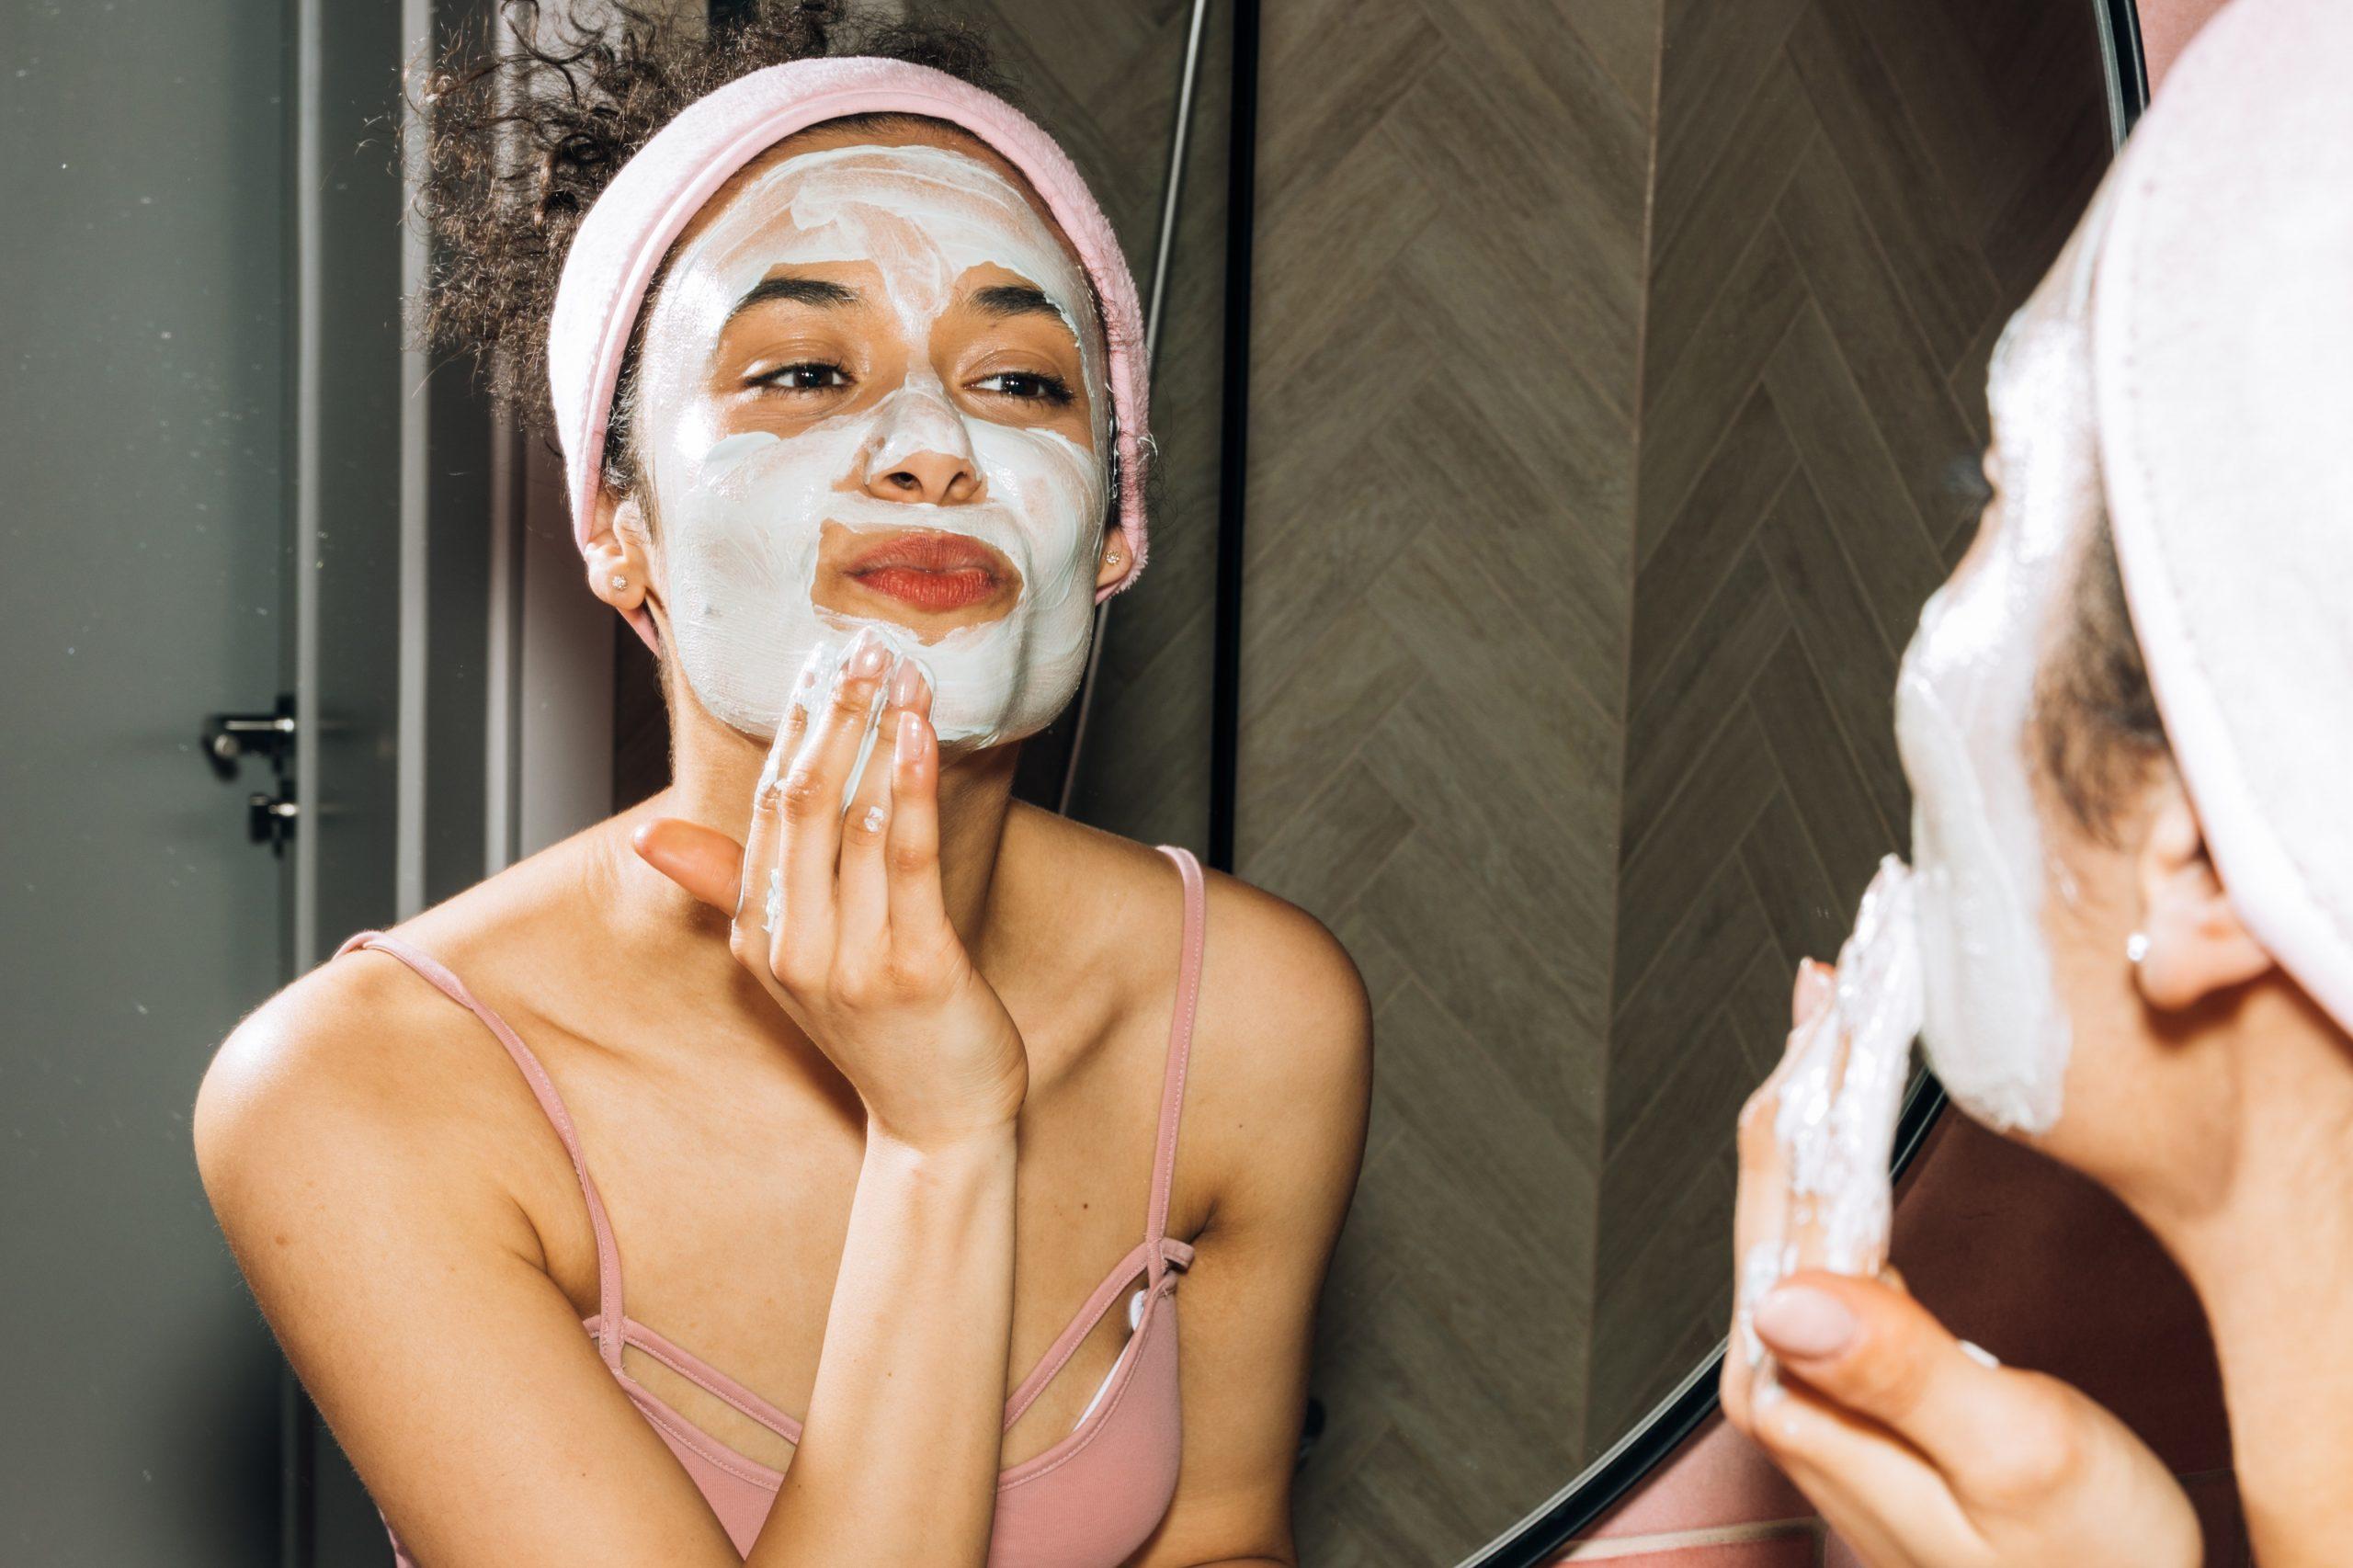 Lợi ích của đắp mặt nạ có bị cường điệu hóa không?